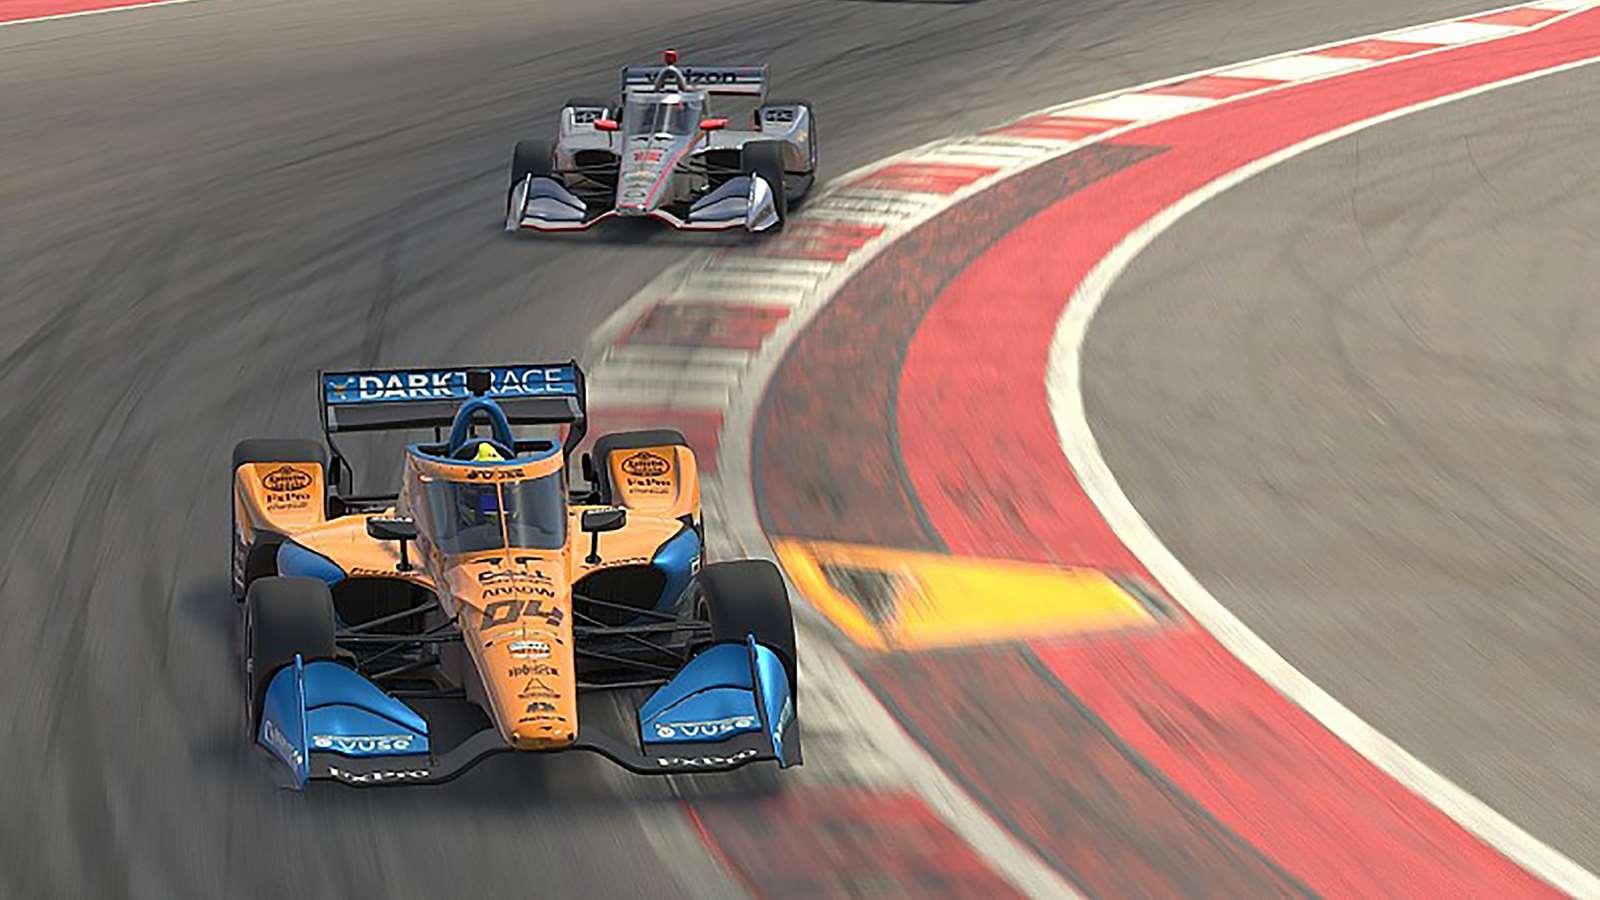 Lando Norris races to victoy in his IndyCar esports debut